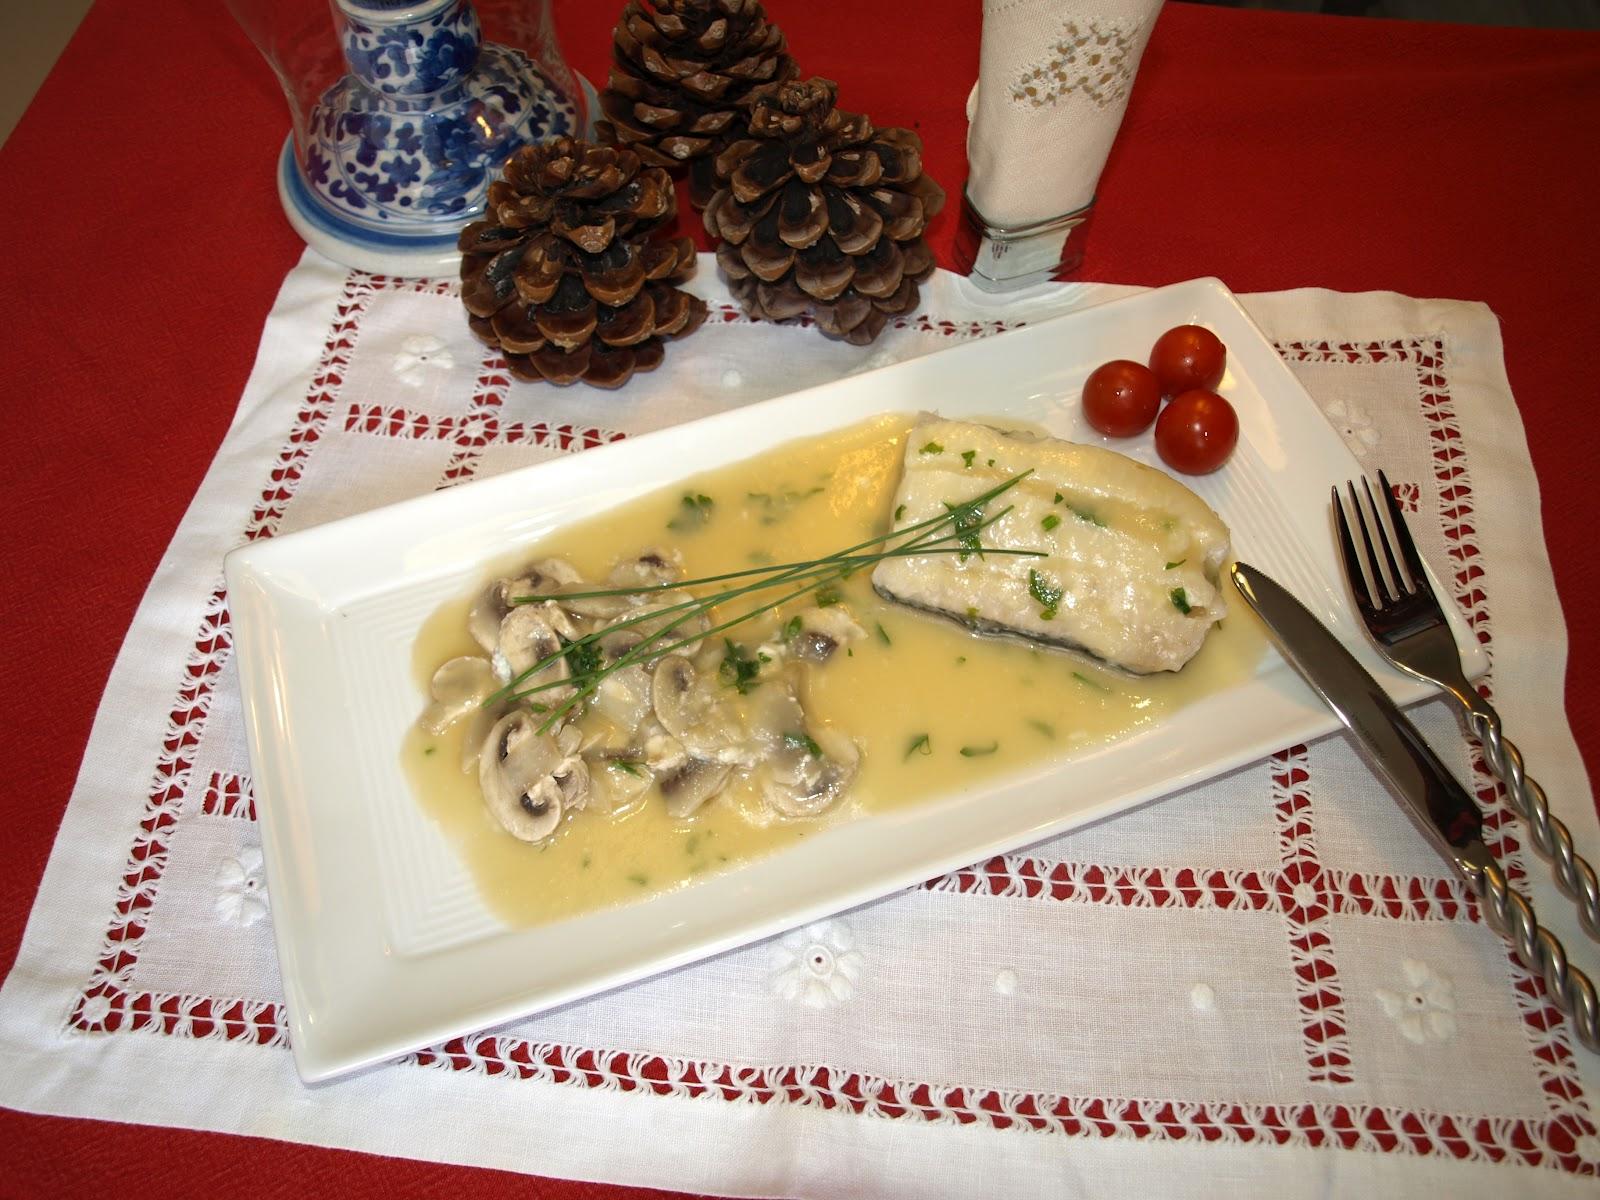 Sopas y a mojar bacalao en salsa de cebolla y champi n for Como cocinar lomos de bacalao